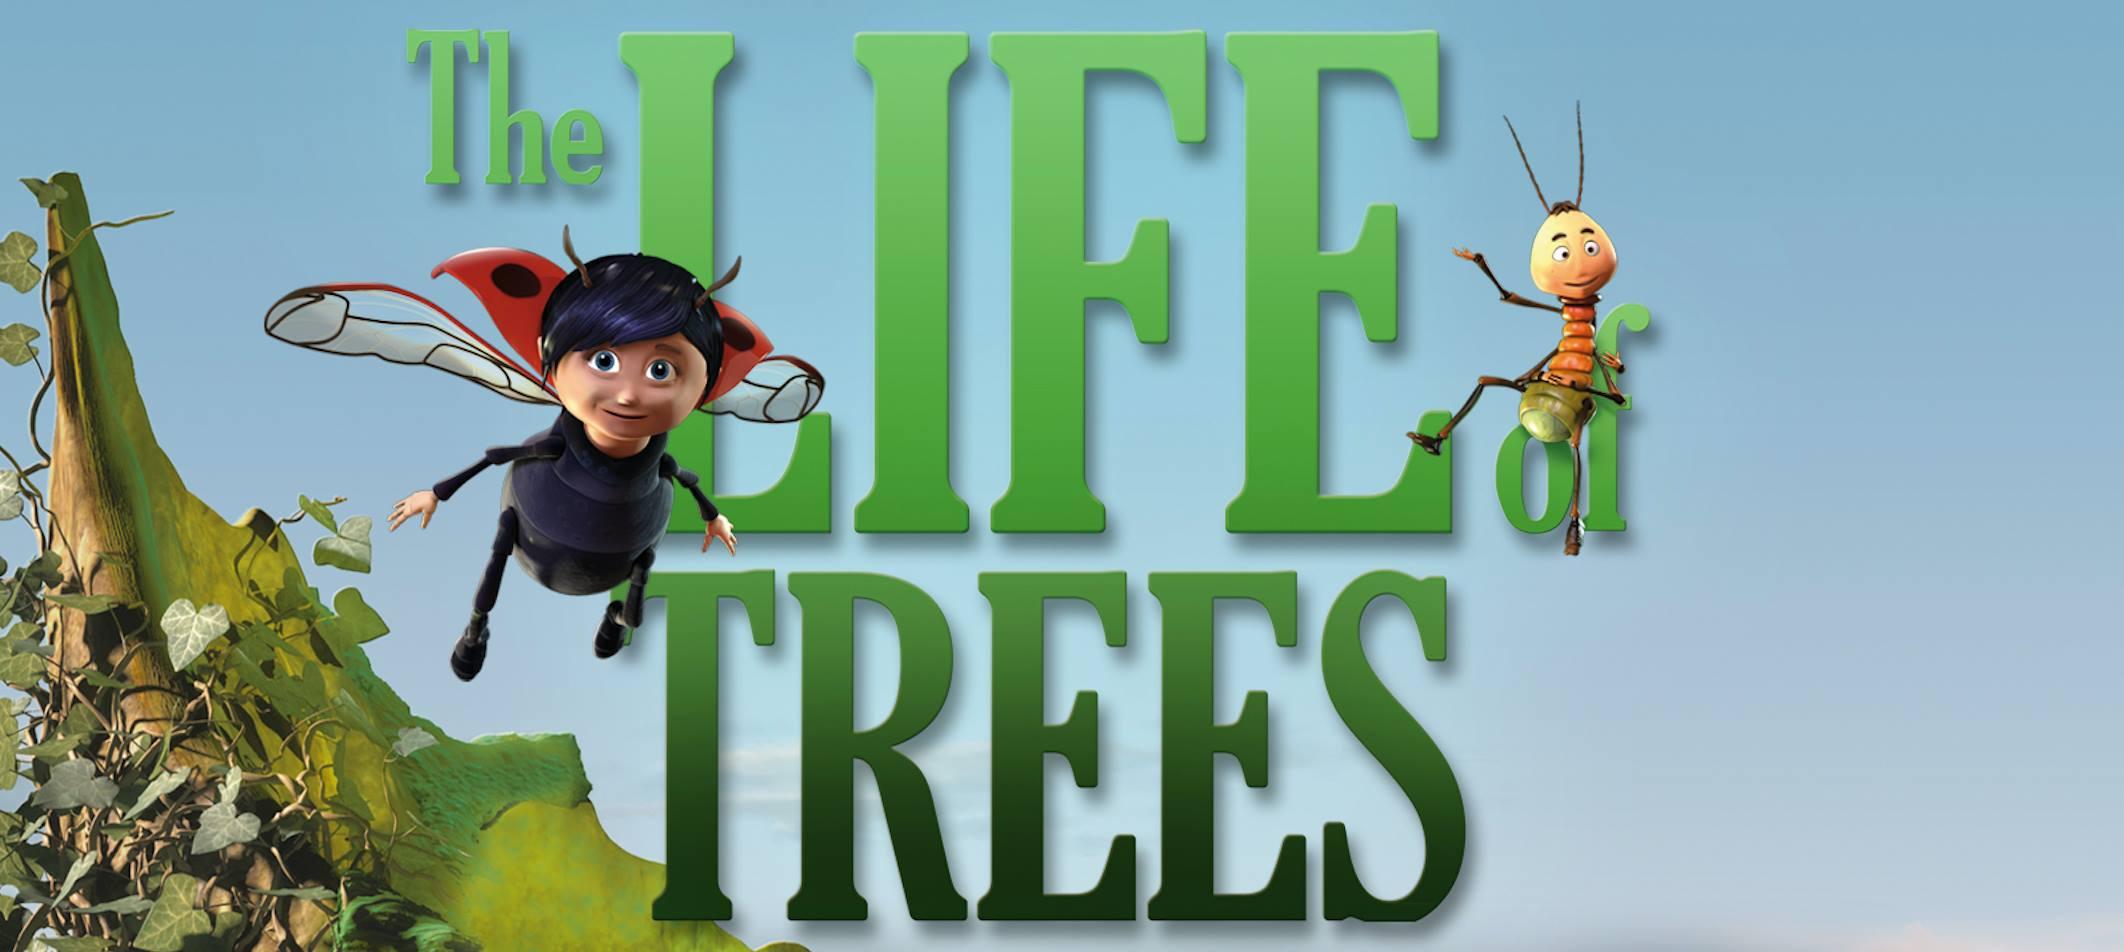 life of trees optie 3.jpg